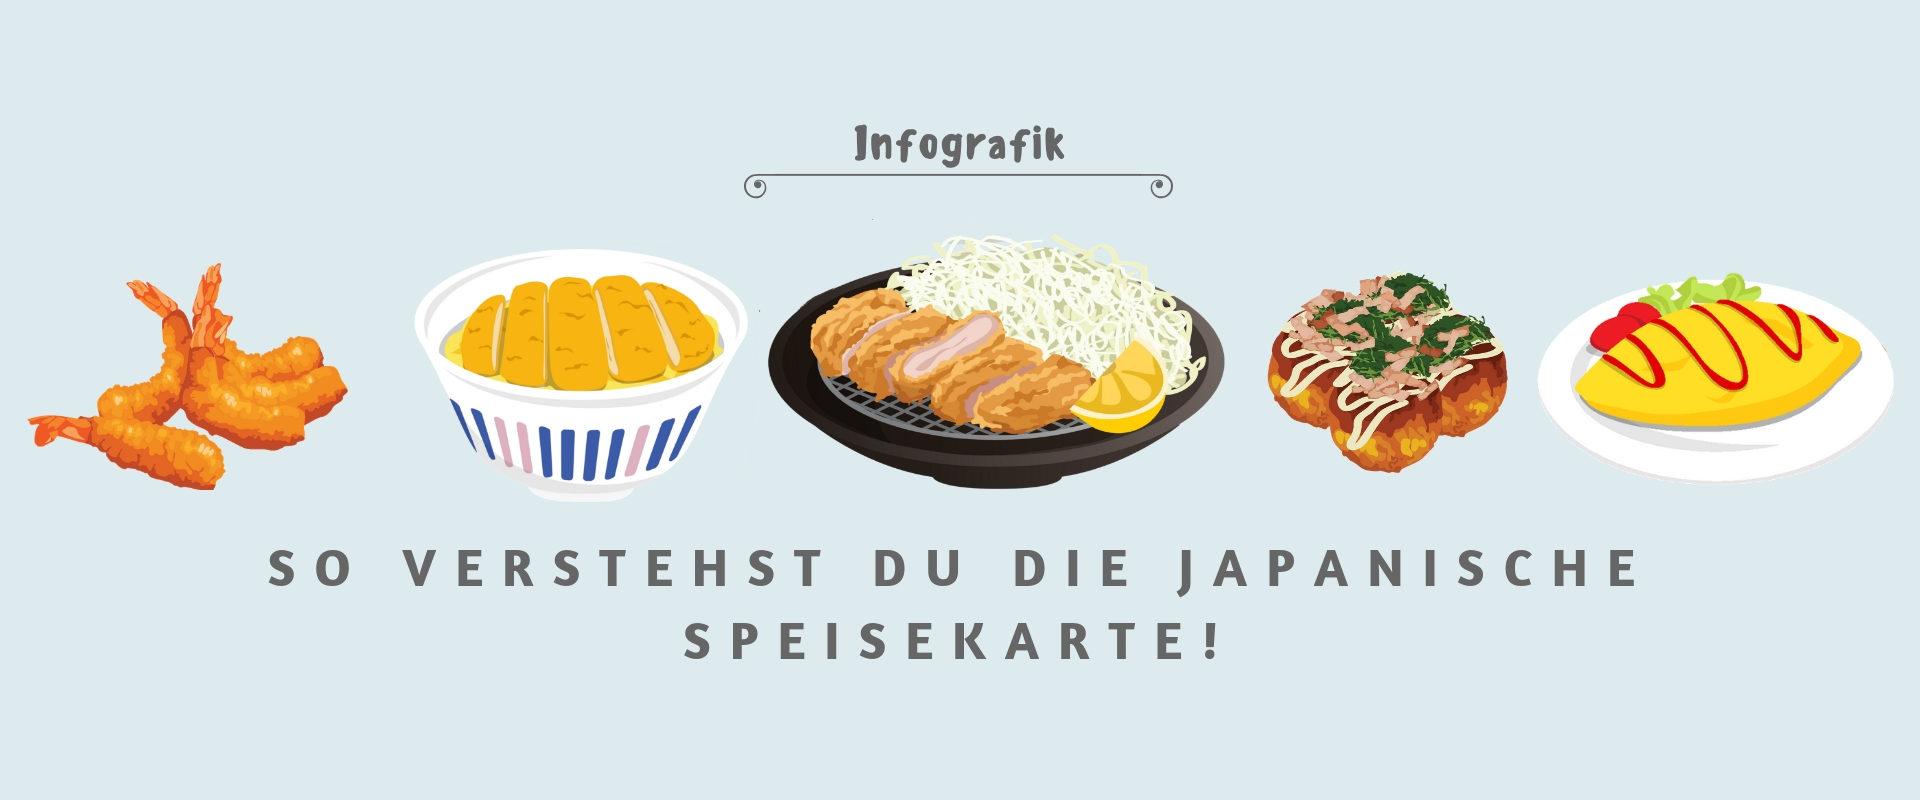 Header japanische speisekarte